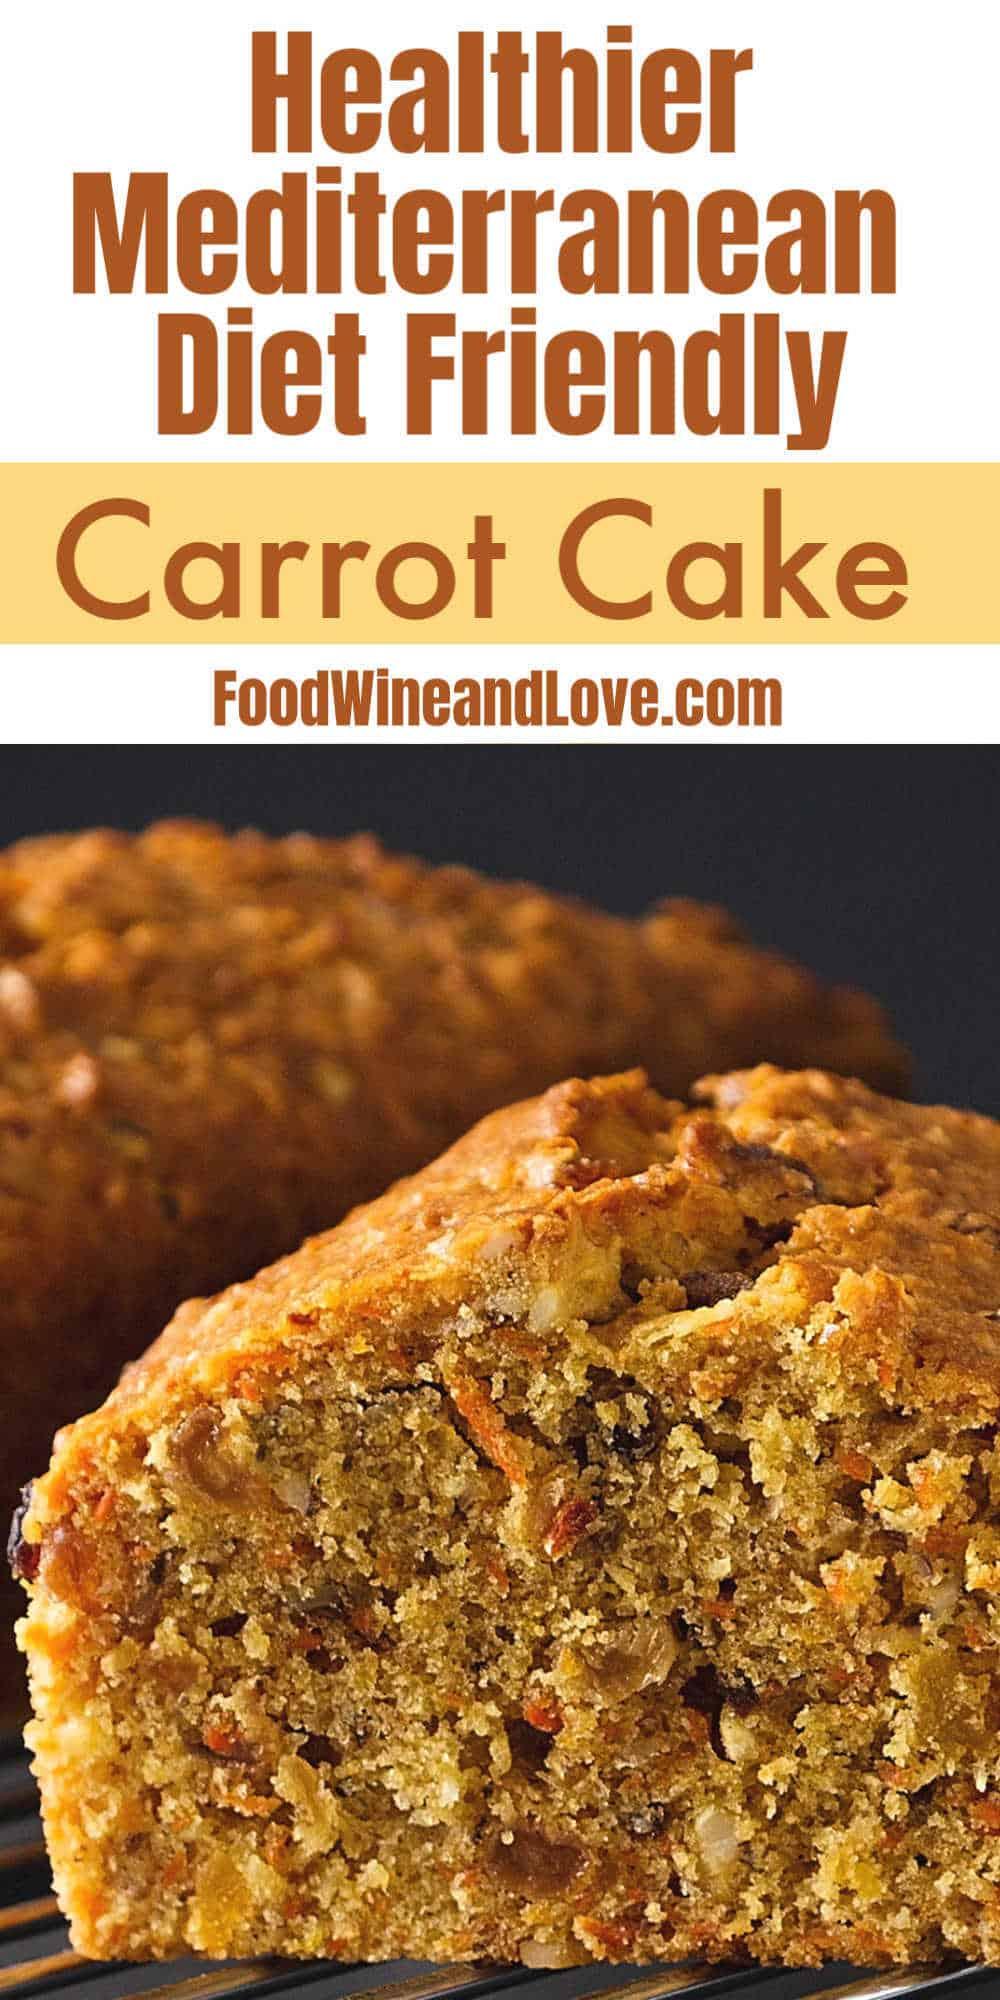 Mediterranean Diet Friendly Carrot Cake